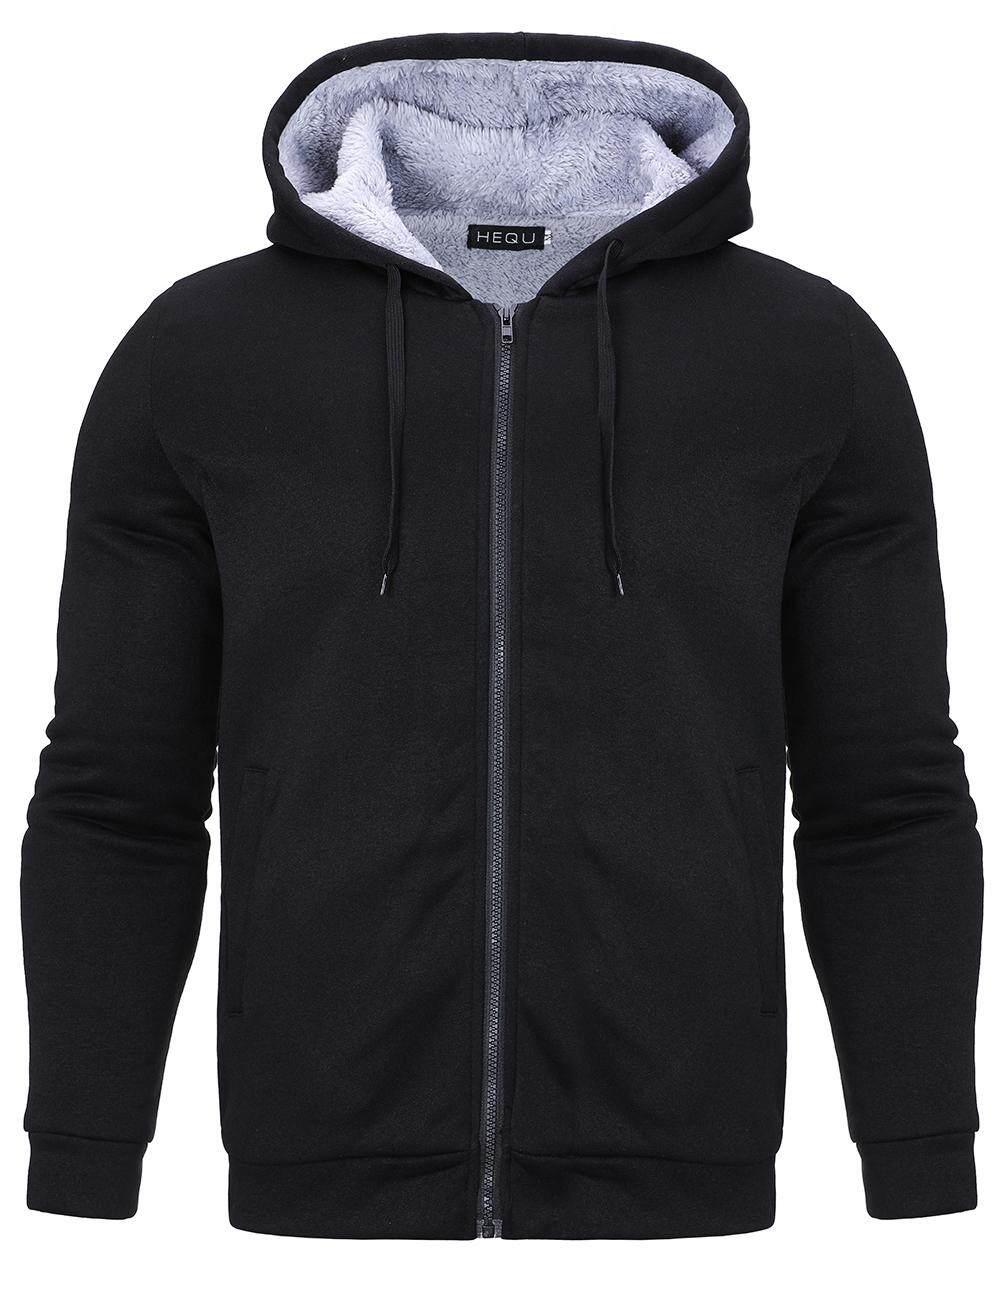 Men Hooded Long Sleeve Zipper s Jacket\Hoodie